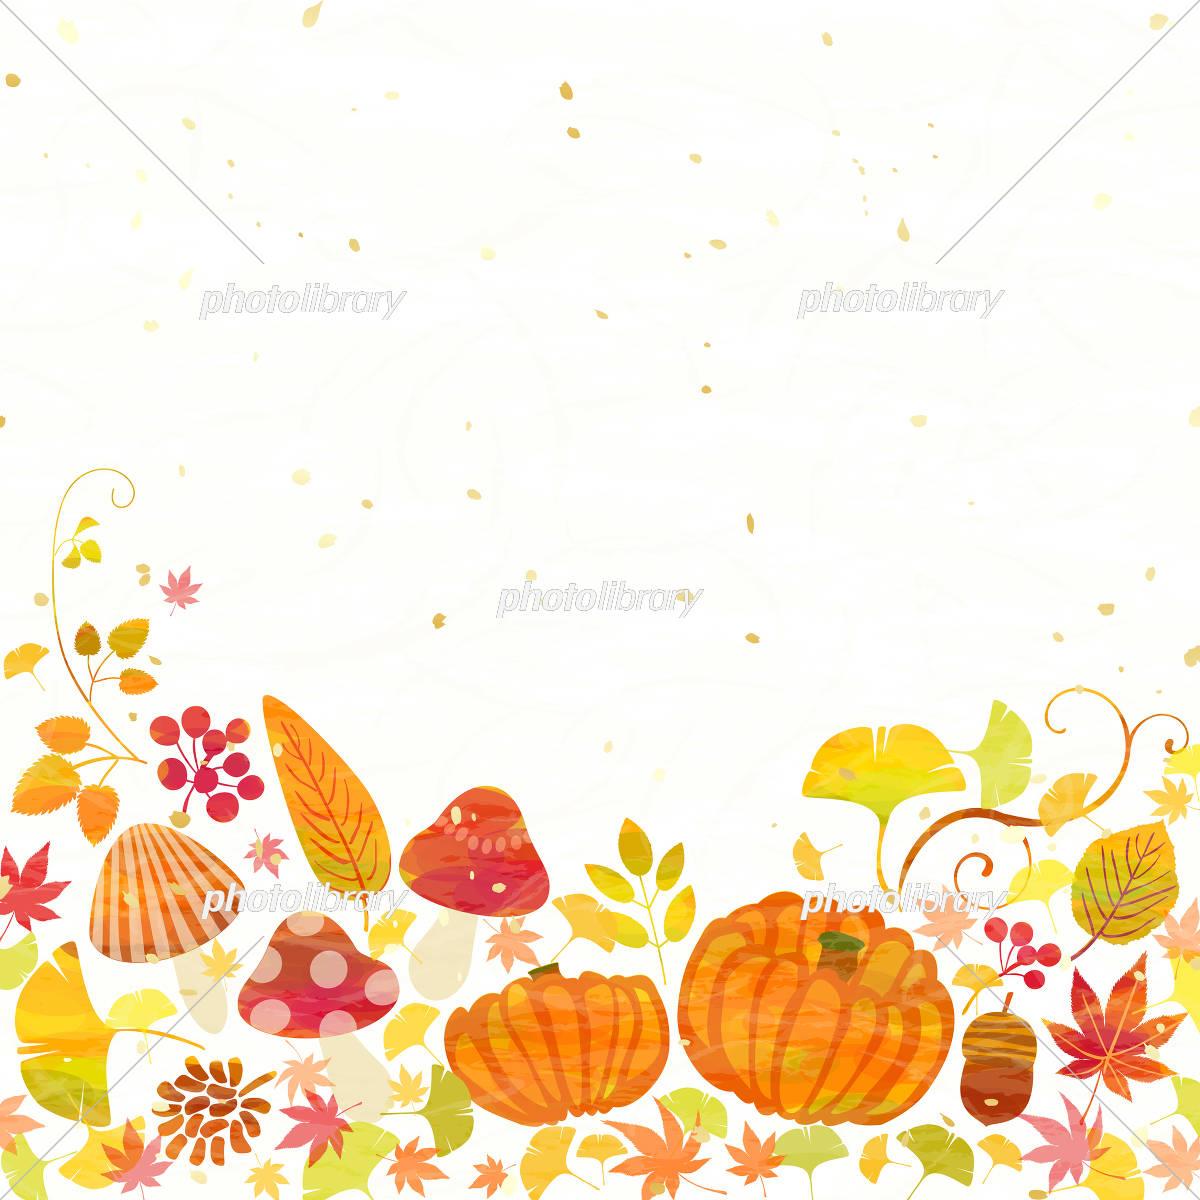 秋 かぼちゃ きのこ 紅葉 イラスト素材 フォトライブラリー Photolibrary